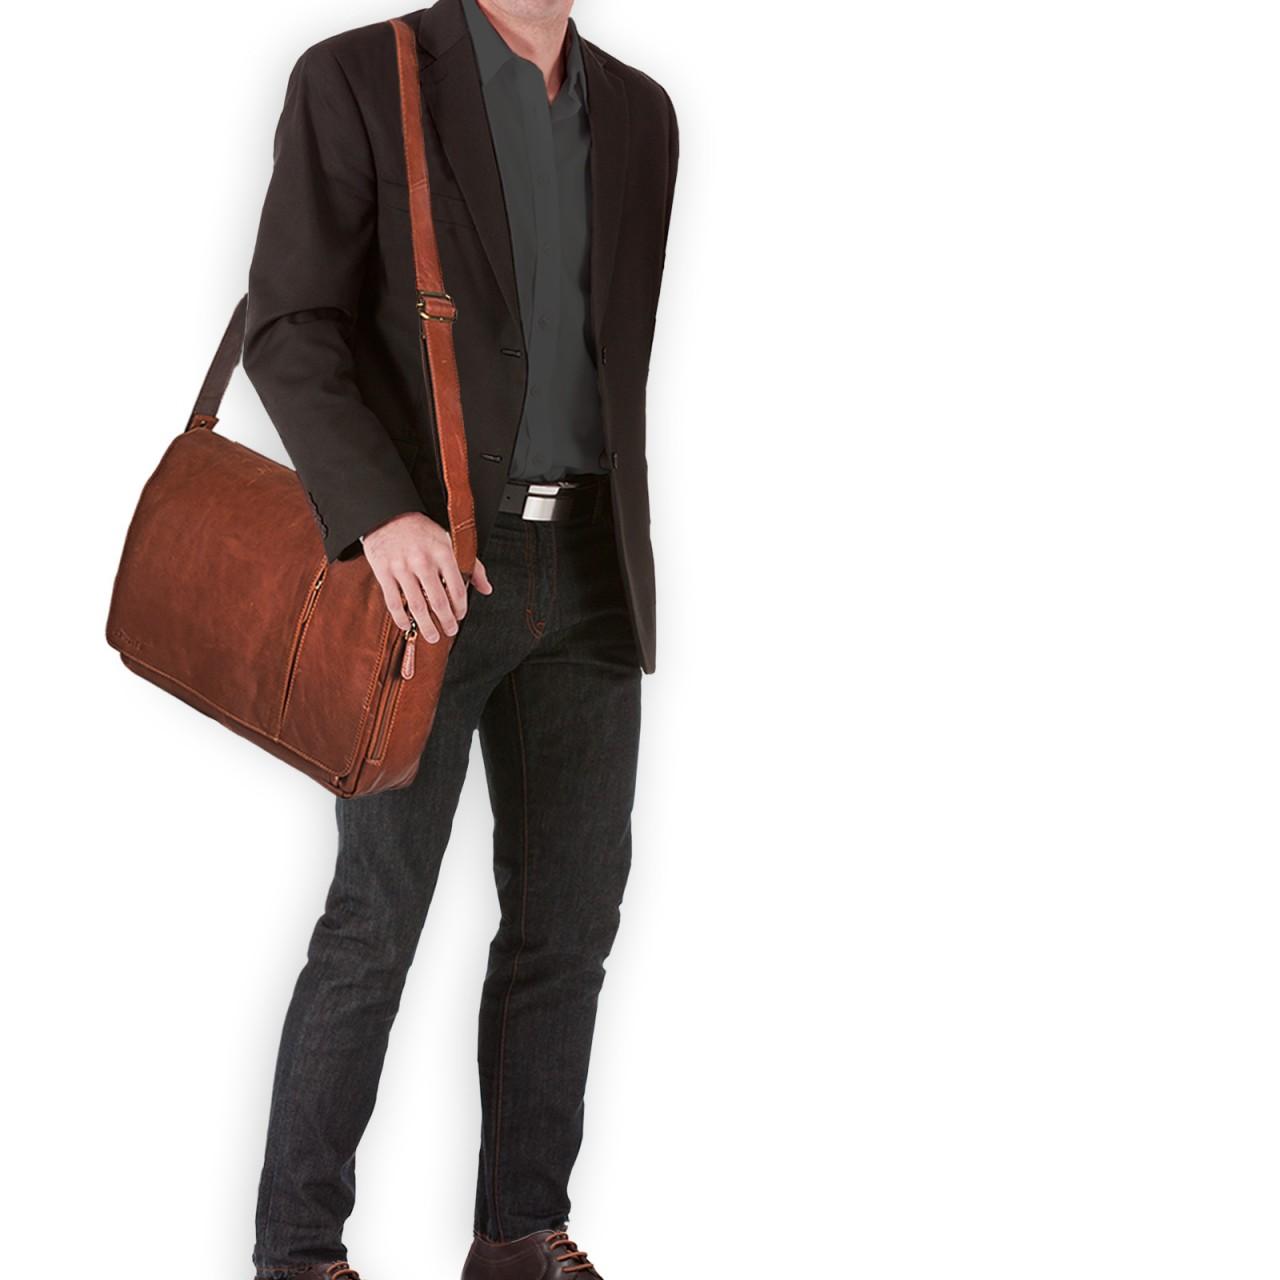 Herren Tasche Tasche Hellbraun Leder Herren Leder bfyY7g6v